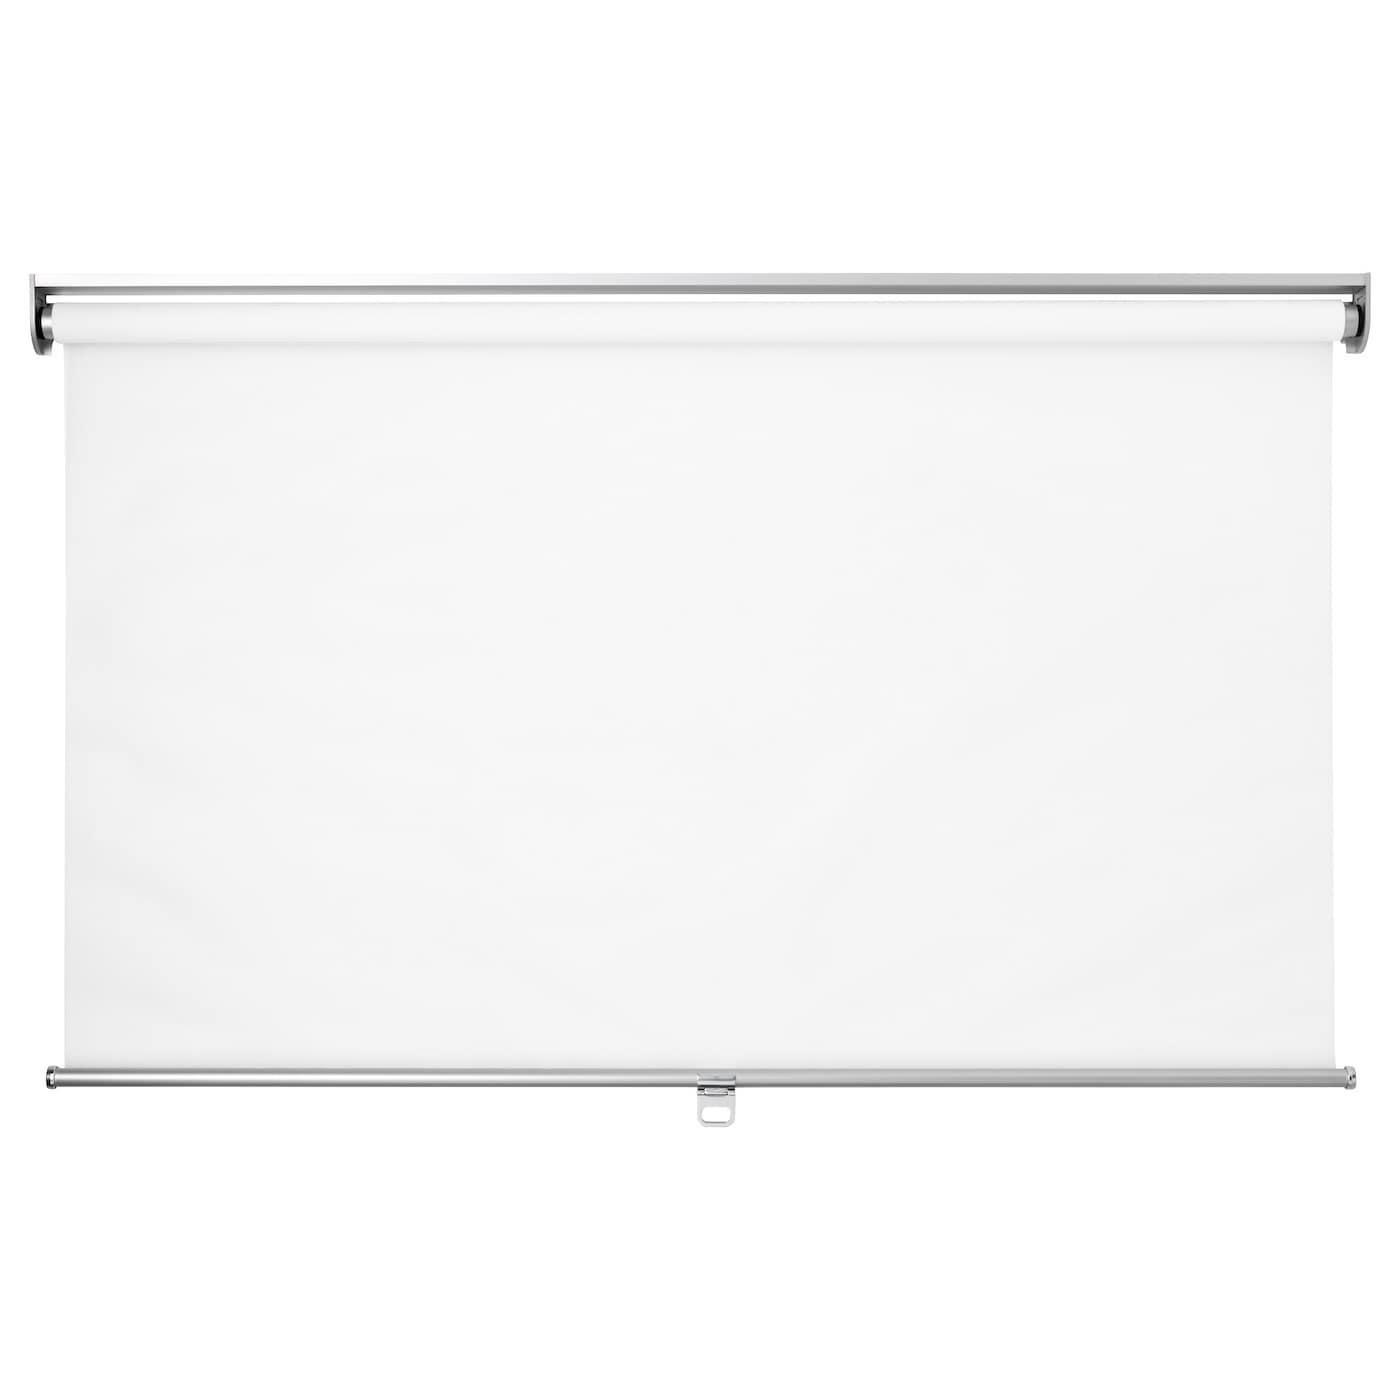 SKOGSKLVER Roller blind White 100x195 cm IKEA